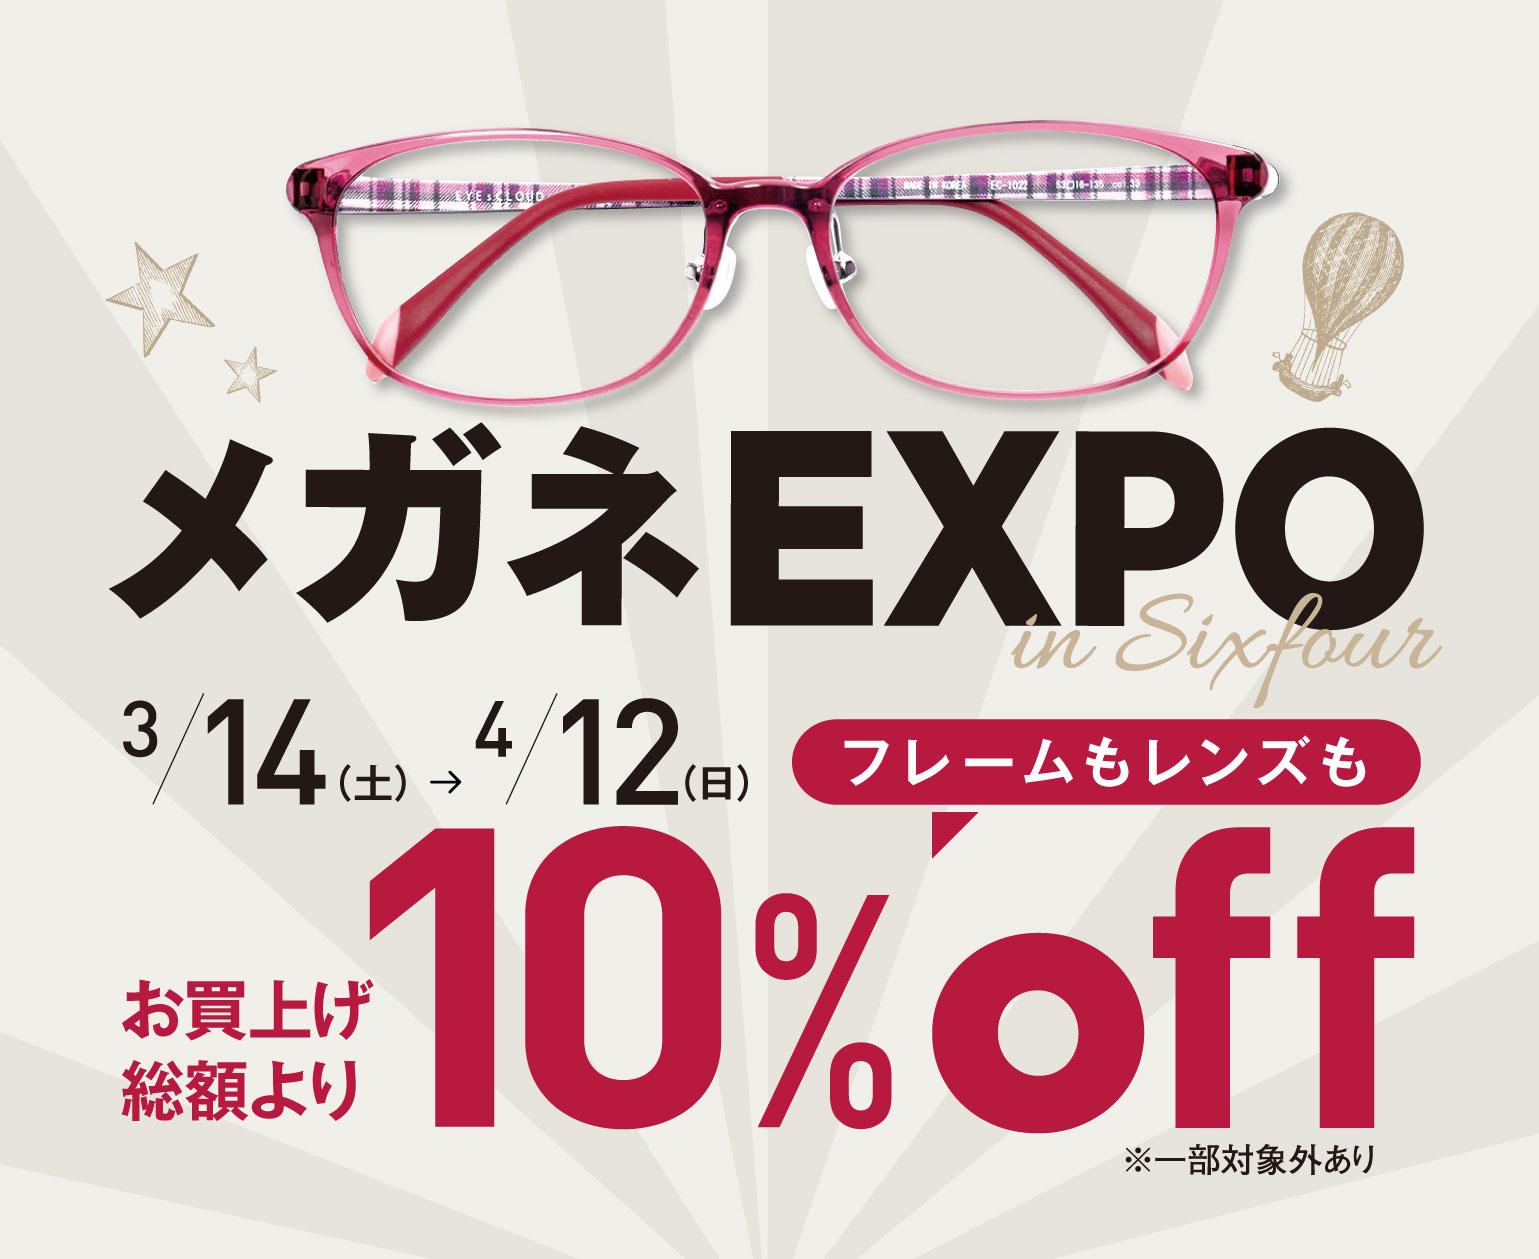 【〜4/12】メガネ買上げ総額10%OFFセール! シミ紫外線対策に!|Sixfour